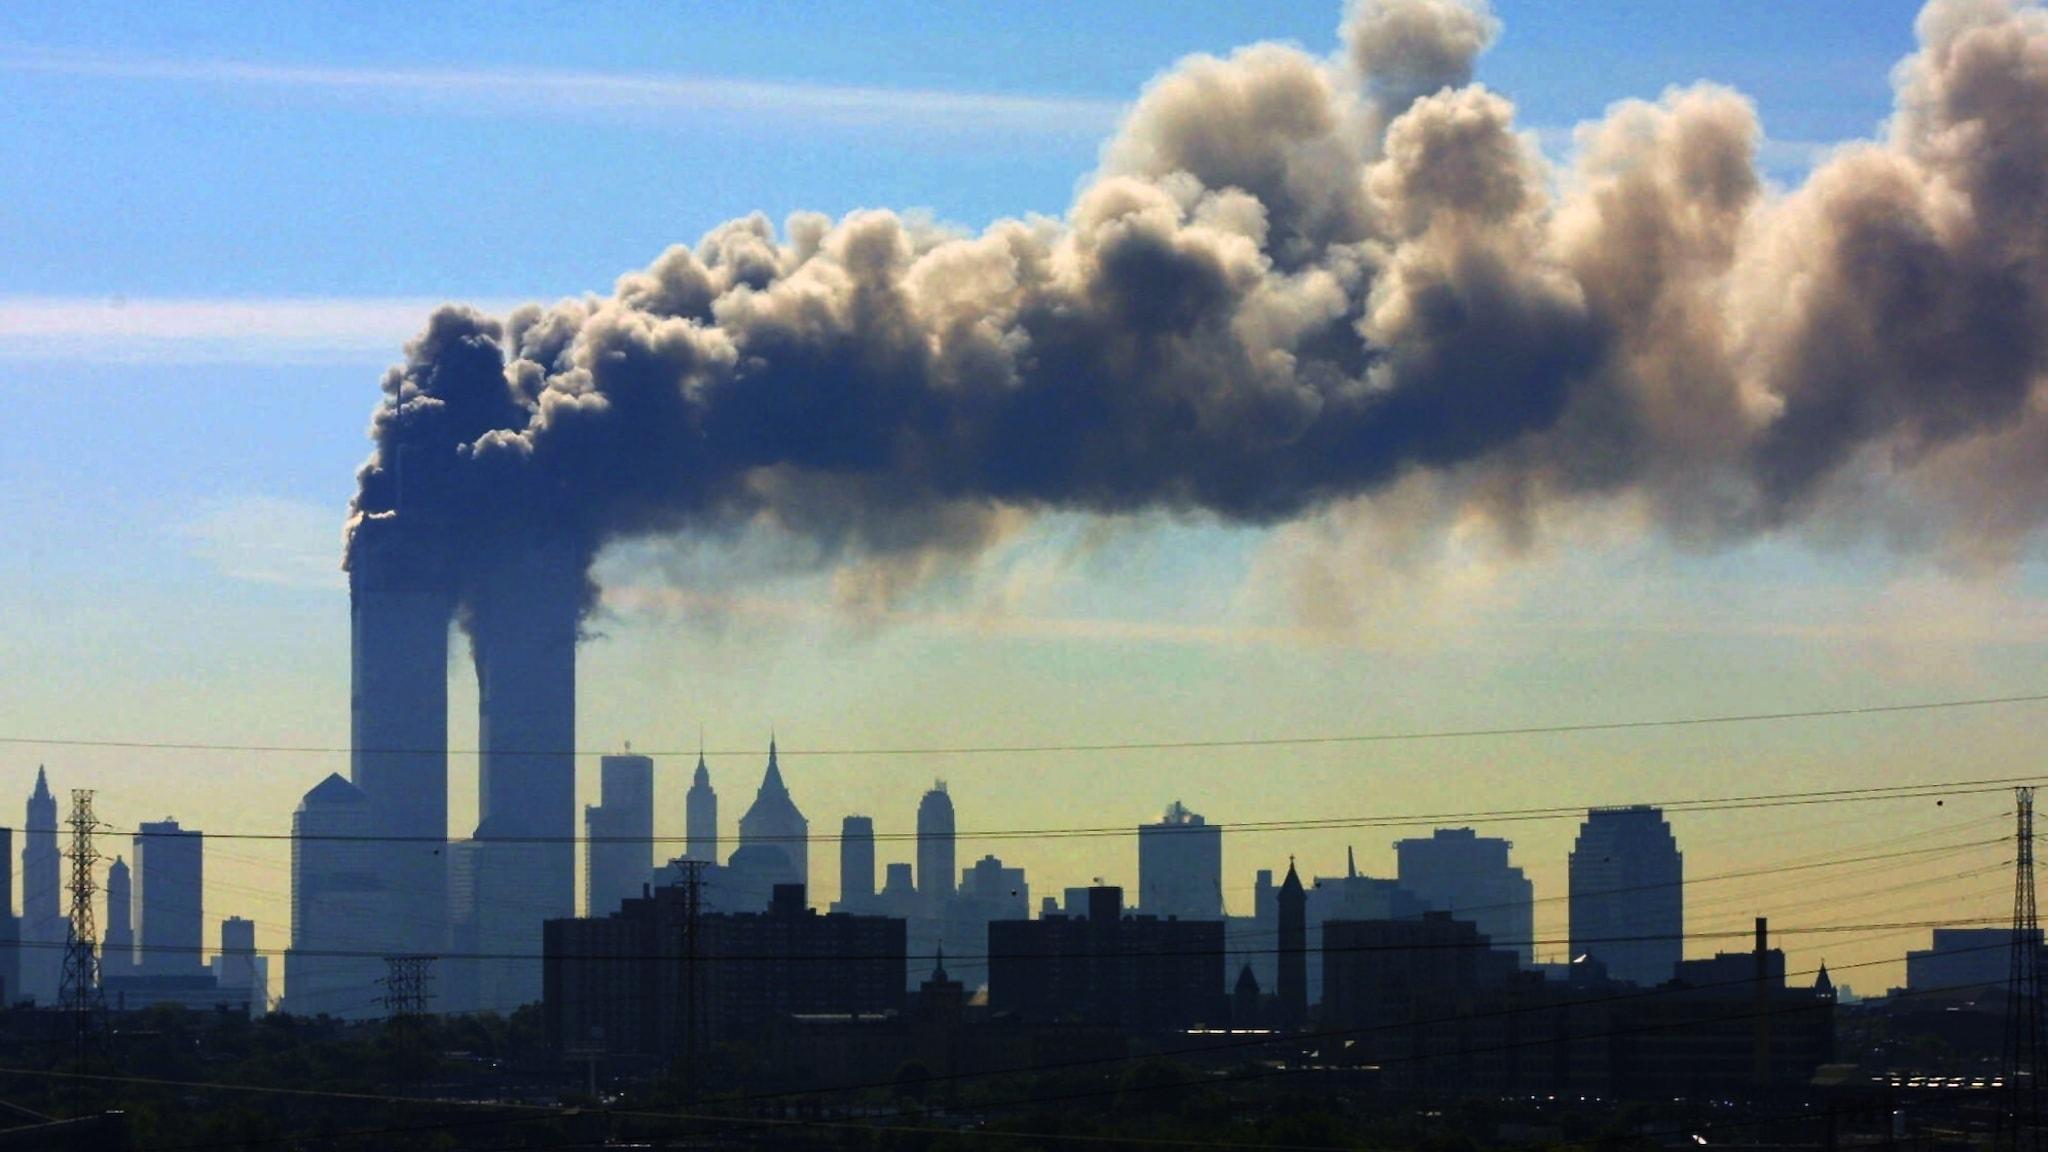 11 September 2001. Omedelbart efter attackerna började konspirationsteorier om vilka som egentligen låg bakom spridas på nätet.